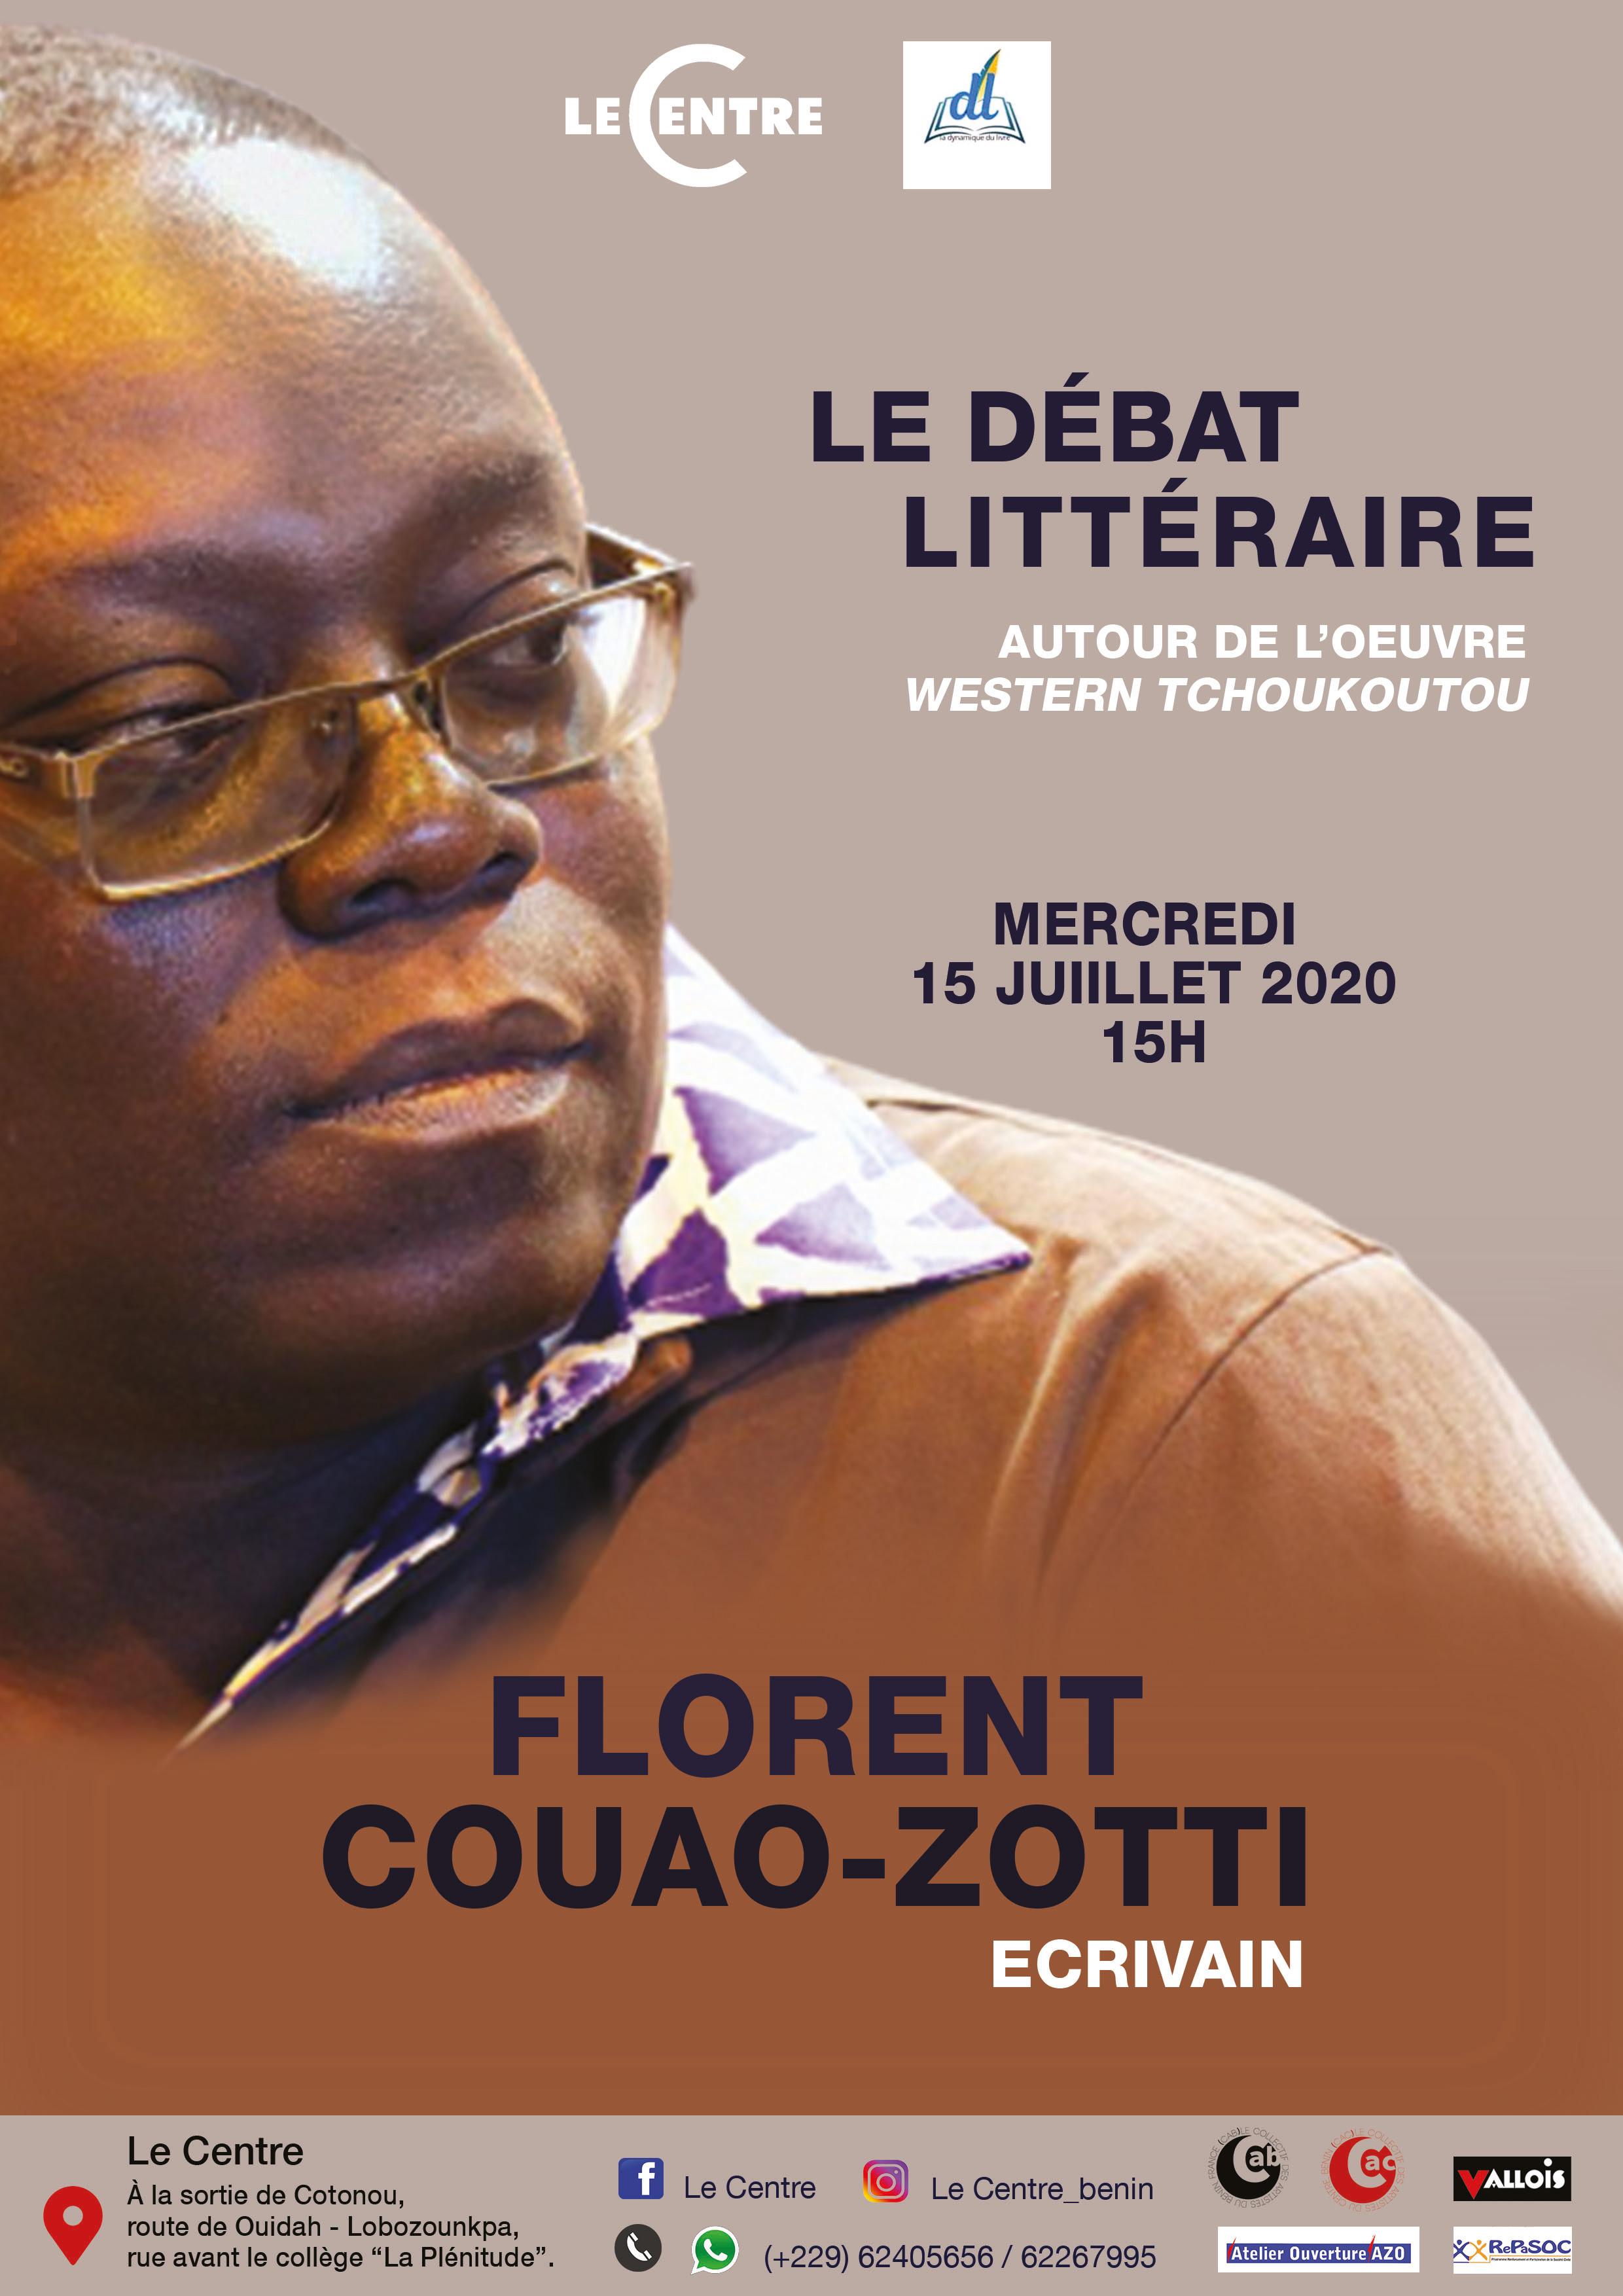 Le Débat Littéraire, Florent Couao-Zotti